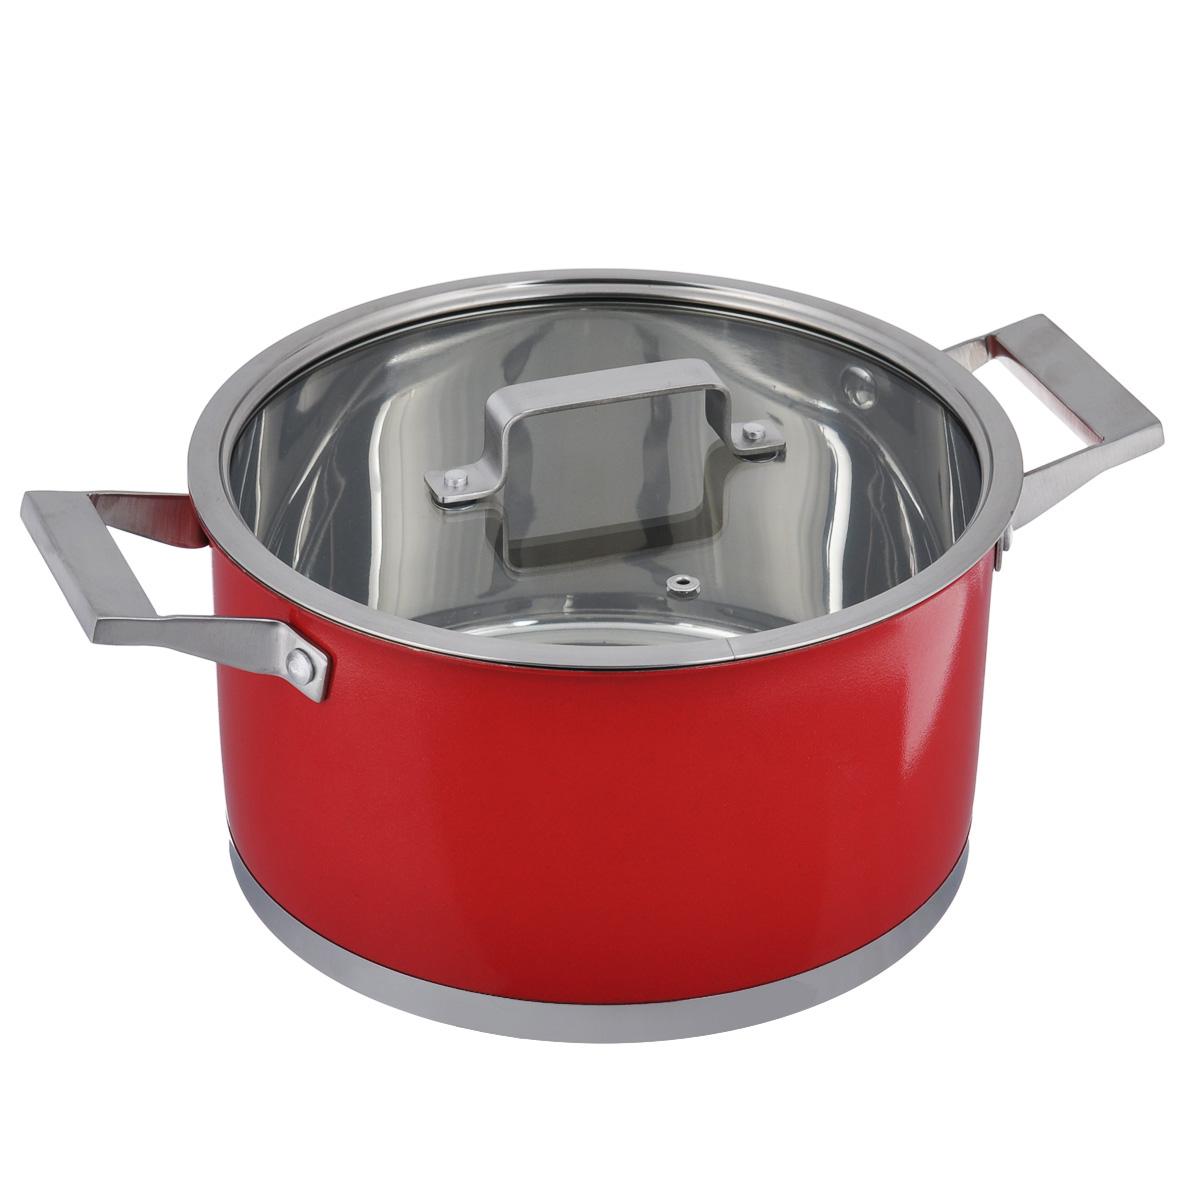 Кастрюля Bohmann с крышкой, цвет: красный, 2,6 л40970Кастрюля Bohmann изготовлена из высококачественной нержавеющей стали. Внутренняя поверхность имеет зеркальную полировку, а внешняя - матовое покрытие красного цвета. Нержавеющая сталь обладает высокой стойкостью к коррозии и кислотам. Прочность, долговечность и надежность этого материала, а также первоклассная обработка обеспечивают практически неограниченный запас прочности и неизменно привлекательный внешний вид. Кастрюля имеет многослойное капсульное дно с алюминиевым основанием, которое быстро и равномерно накапливает тепло и так же равномерно передает его пище. Капсульное дно позволяет готовить блюда с минимальным количеством воды и жира, сохраняя при этом вкусовые и питательные свойства продуктов. Применение технологии многослойного дна создает эффект удержания тепла - пища готовится и после отключения плиты благодаря термоаккумулирующим свойствам посуды. Диаметры изделий соответствуют общепринятым размерам конфорок бытовых плит. Посуда оснащена удобными металлическими ручками с матовой полировкой. Крышка выполнена из термостойкого стекла. Можно использовать на газовых, электрических, галогенных, стеклокерамических, индукционных плитах. Можно мыть в посудомоечной машине. Высота стенки: 10,5 см. Ширина кастрюли (с учетом ручек): 27 см. Толщина стенки: 1 мм. Толщина дна: 5 мм.